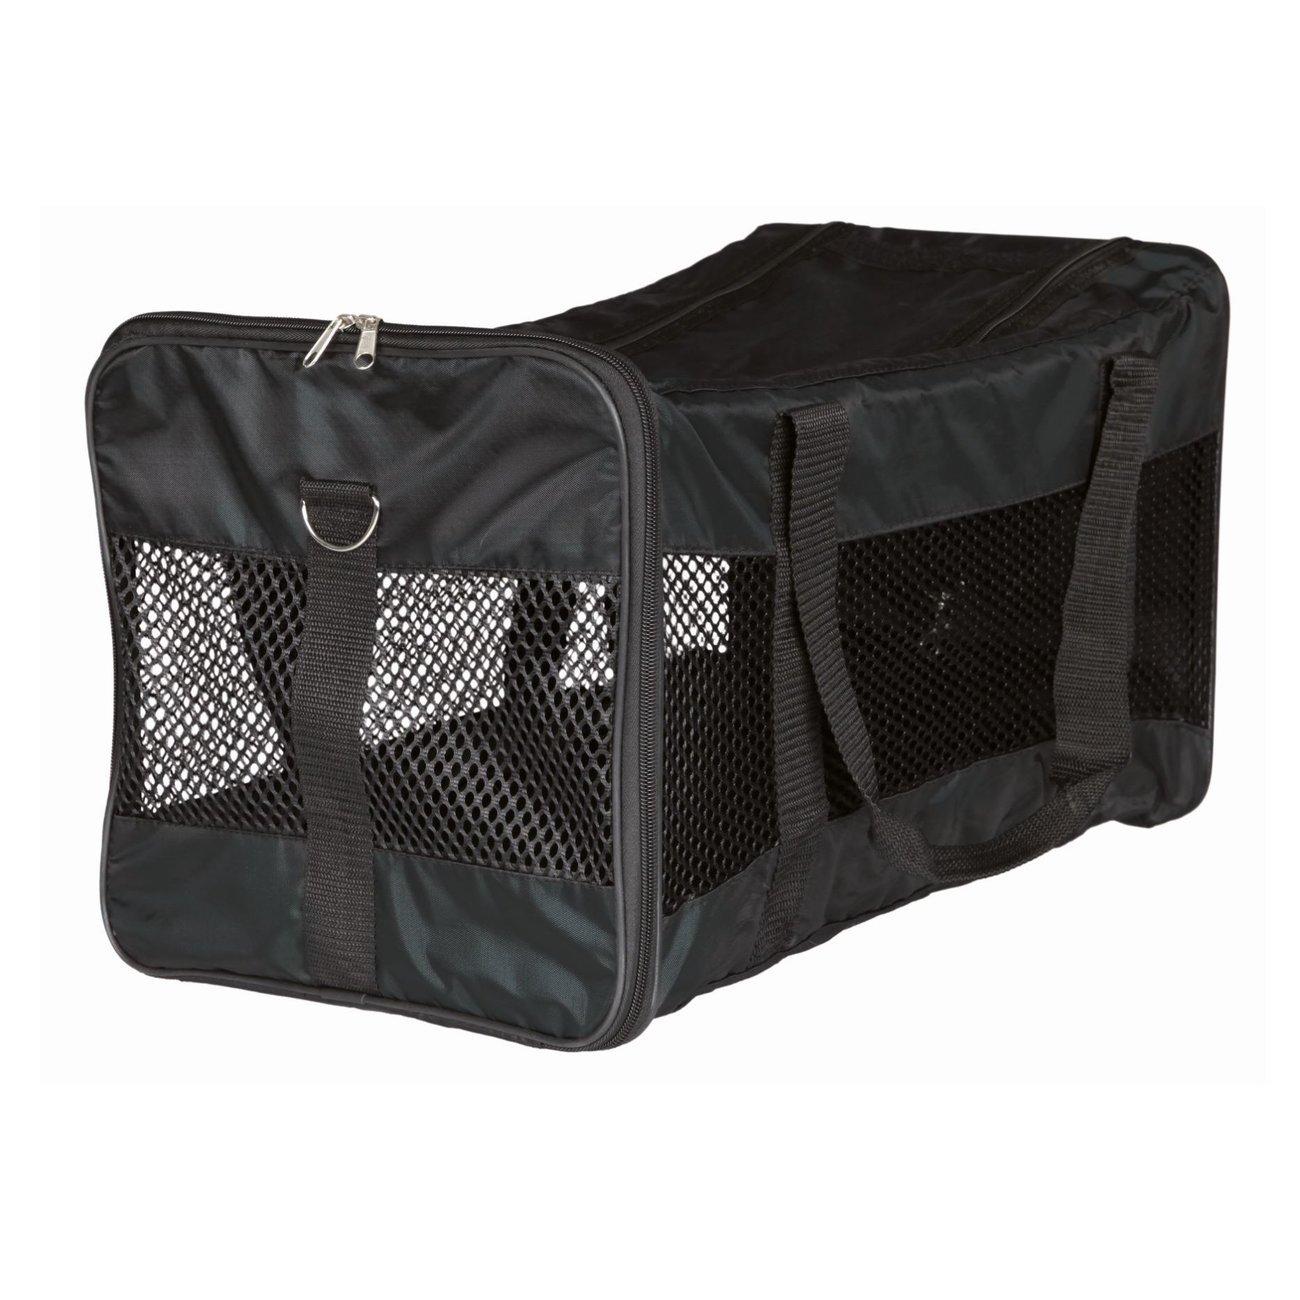 TRIXIE Hunde und Katzen Transport Tasche Ryan 28845, Bild 4